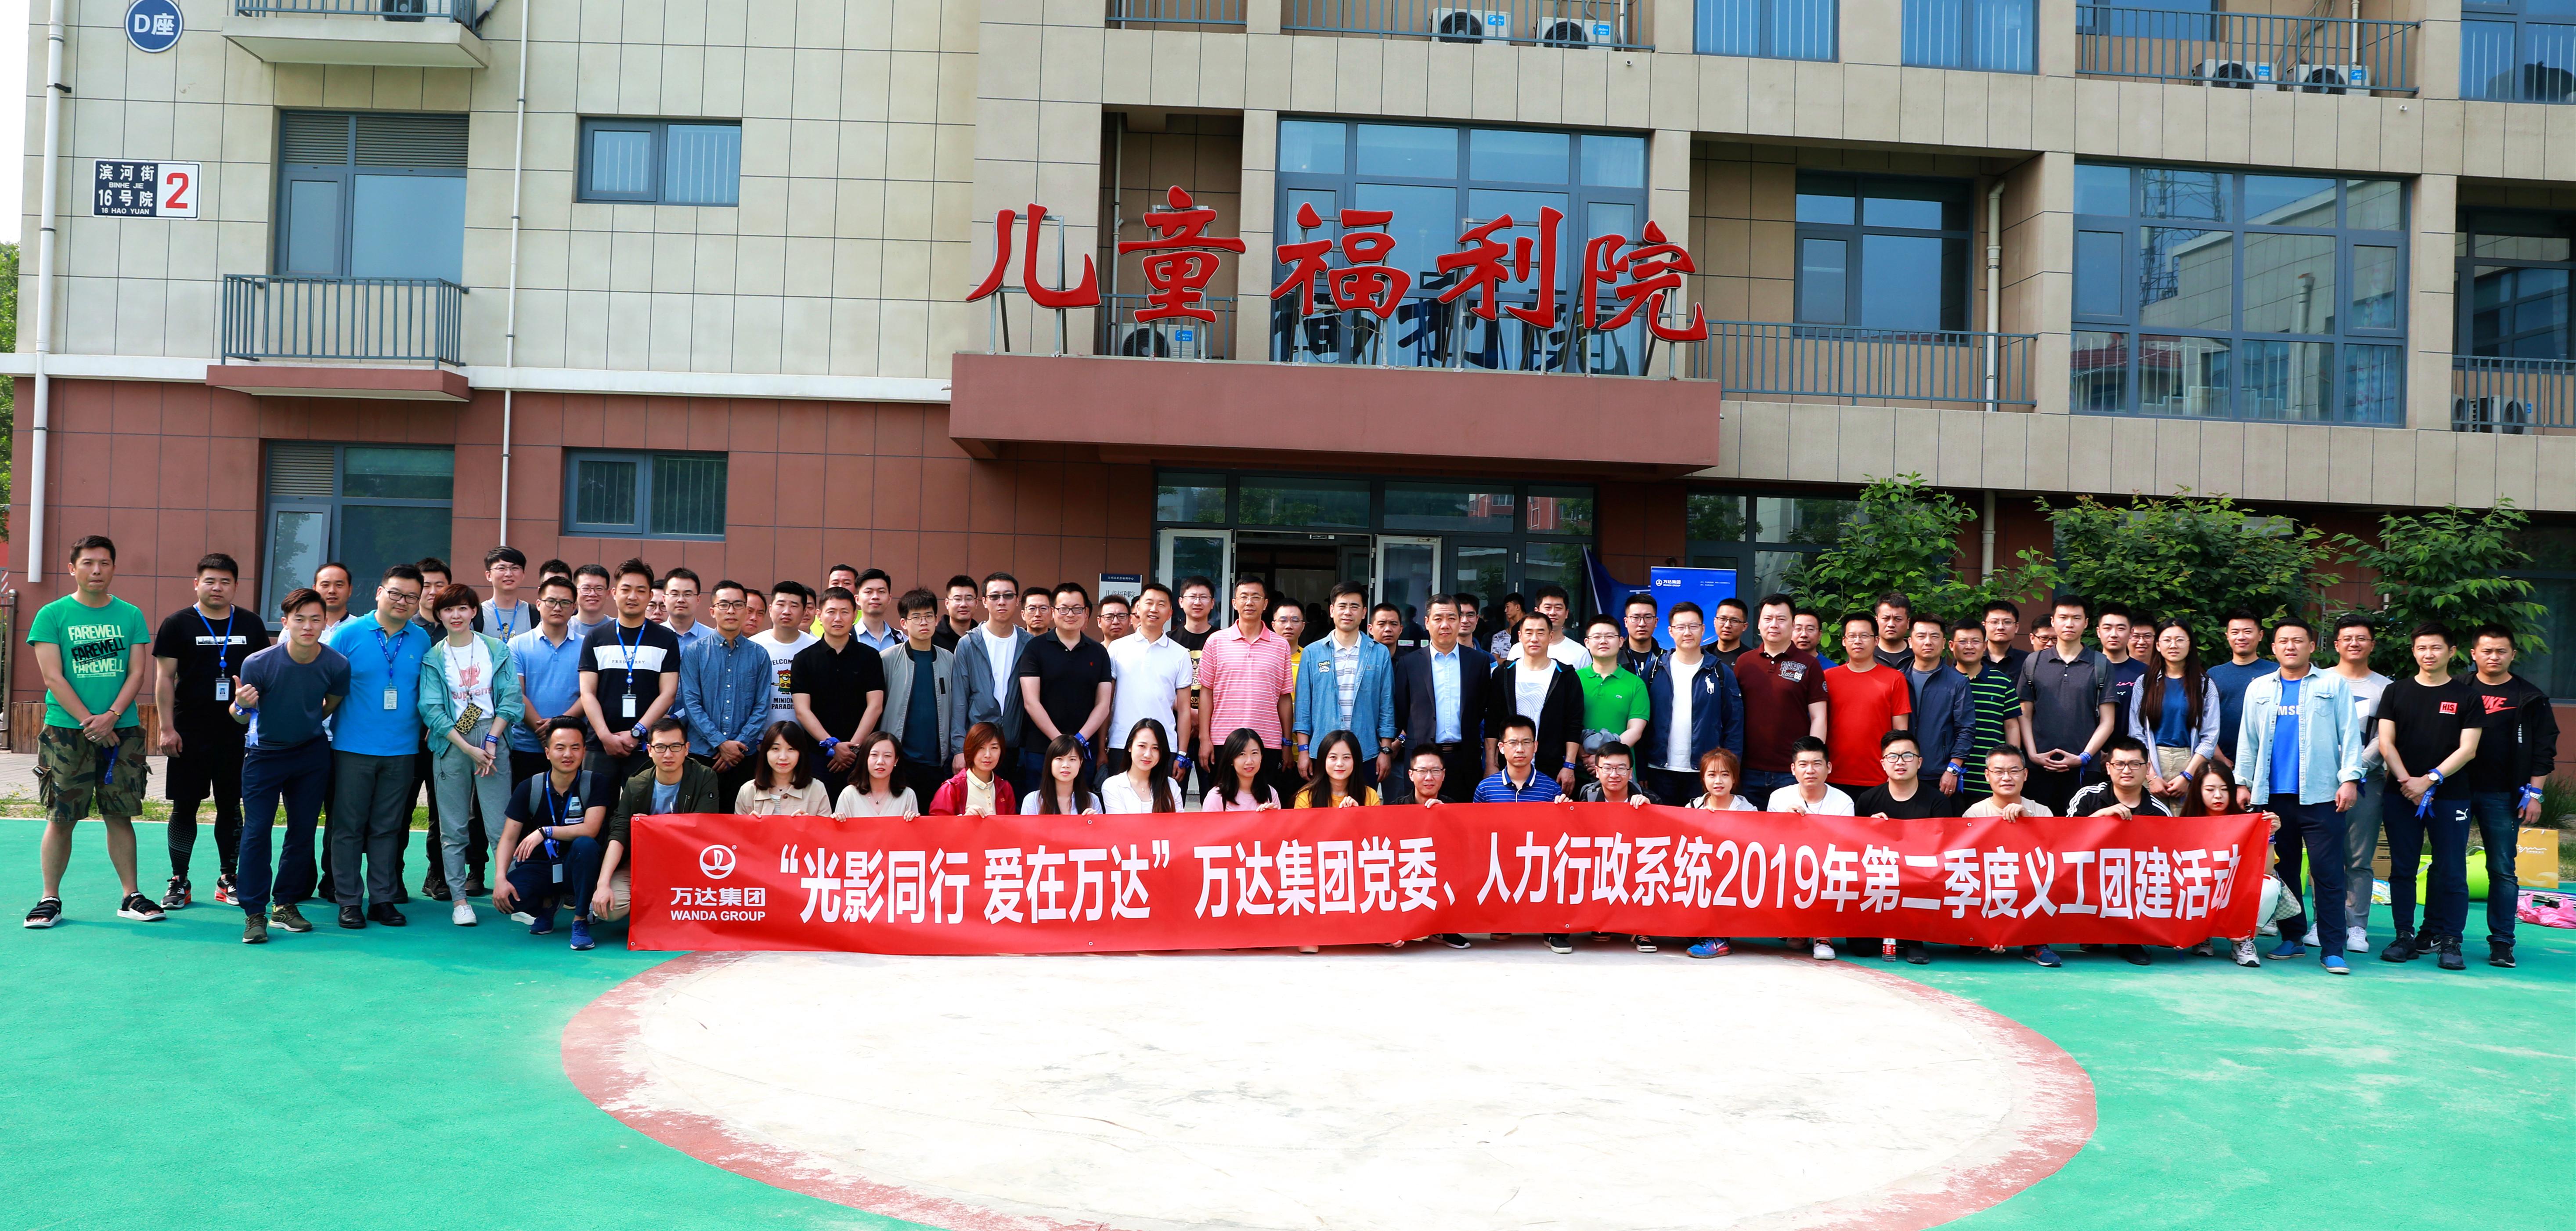 集团党委、人力行政系统举办二季度义工团建活动